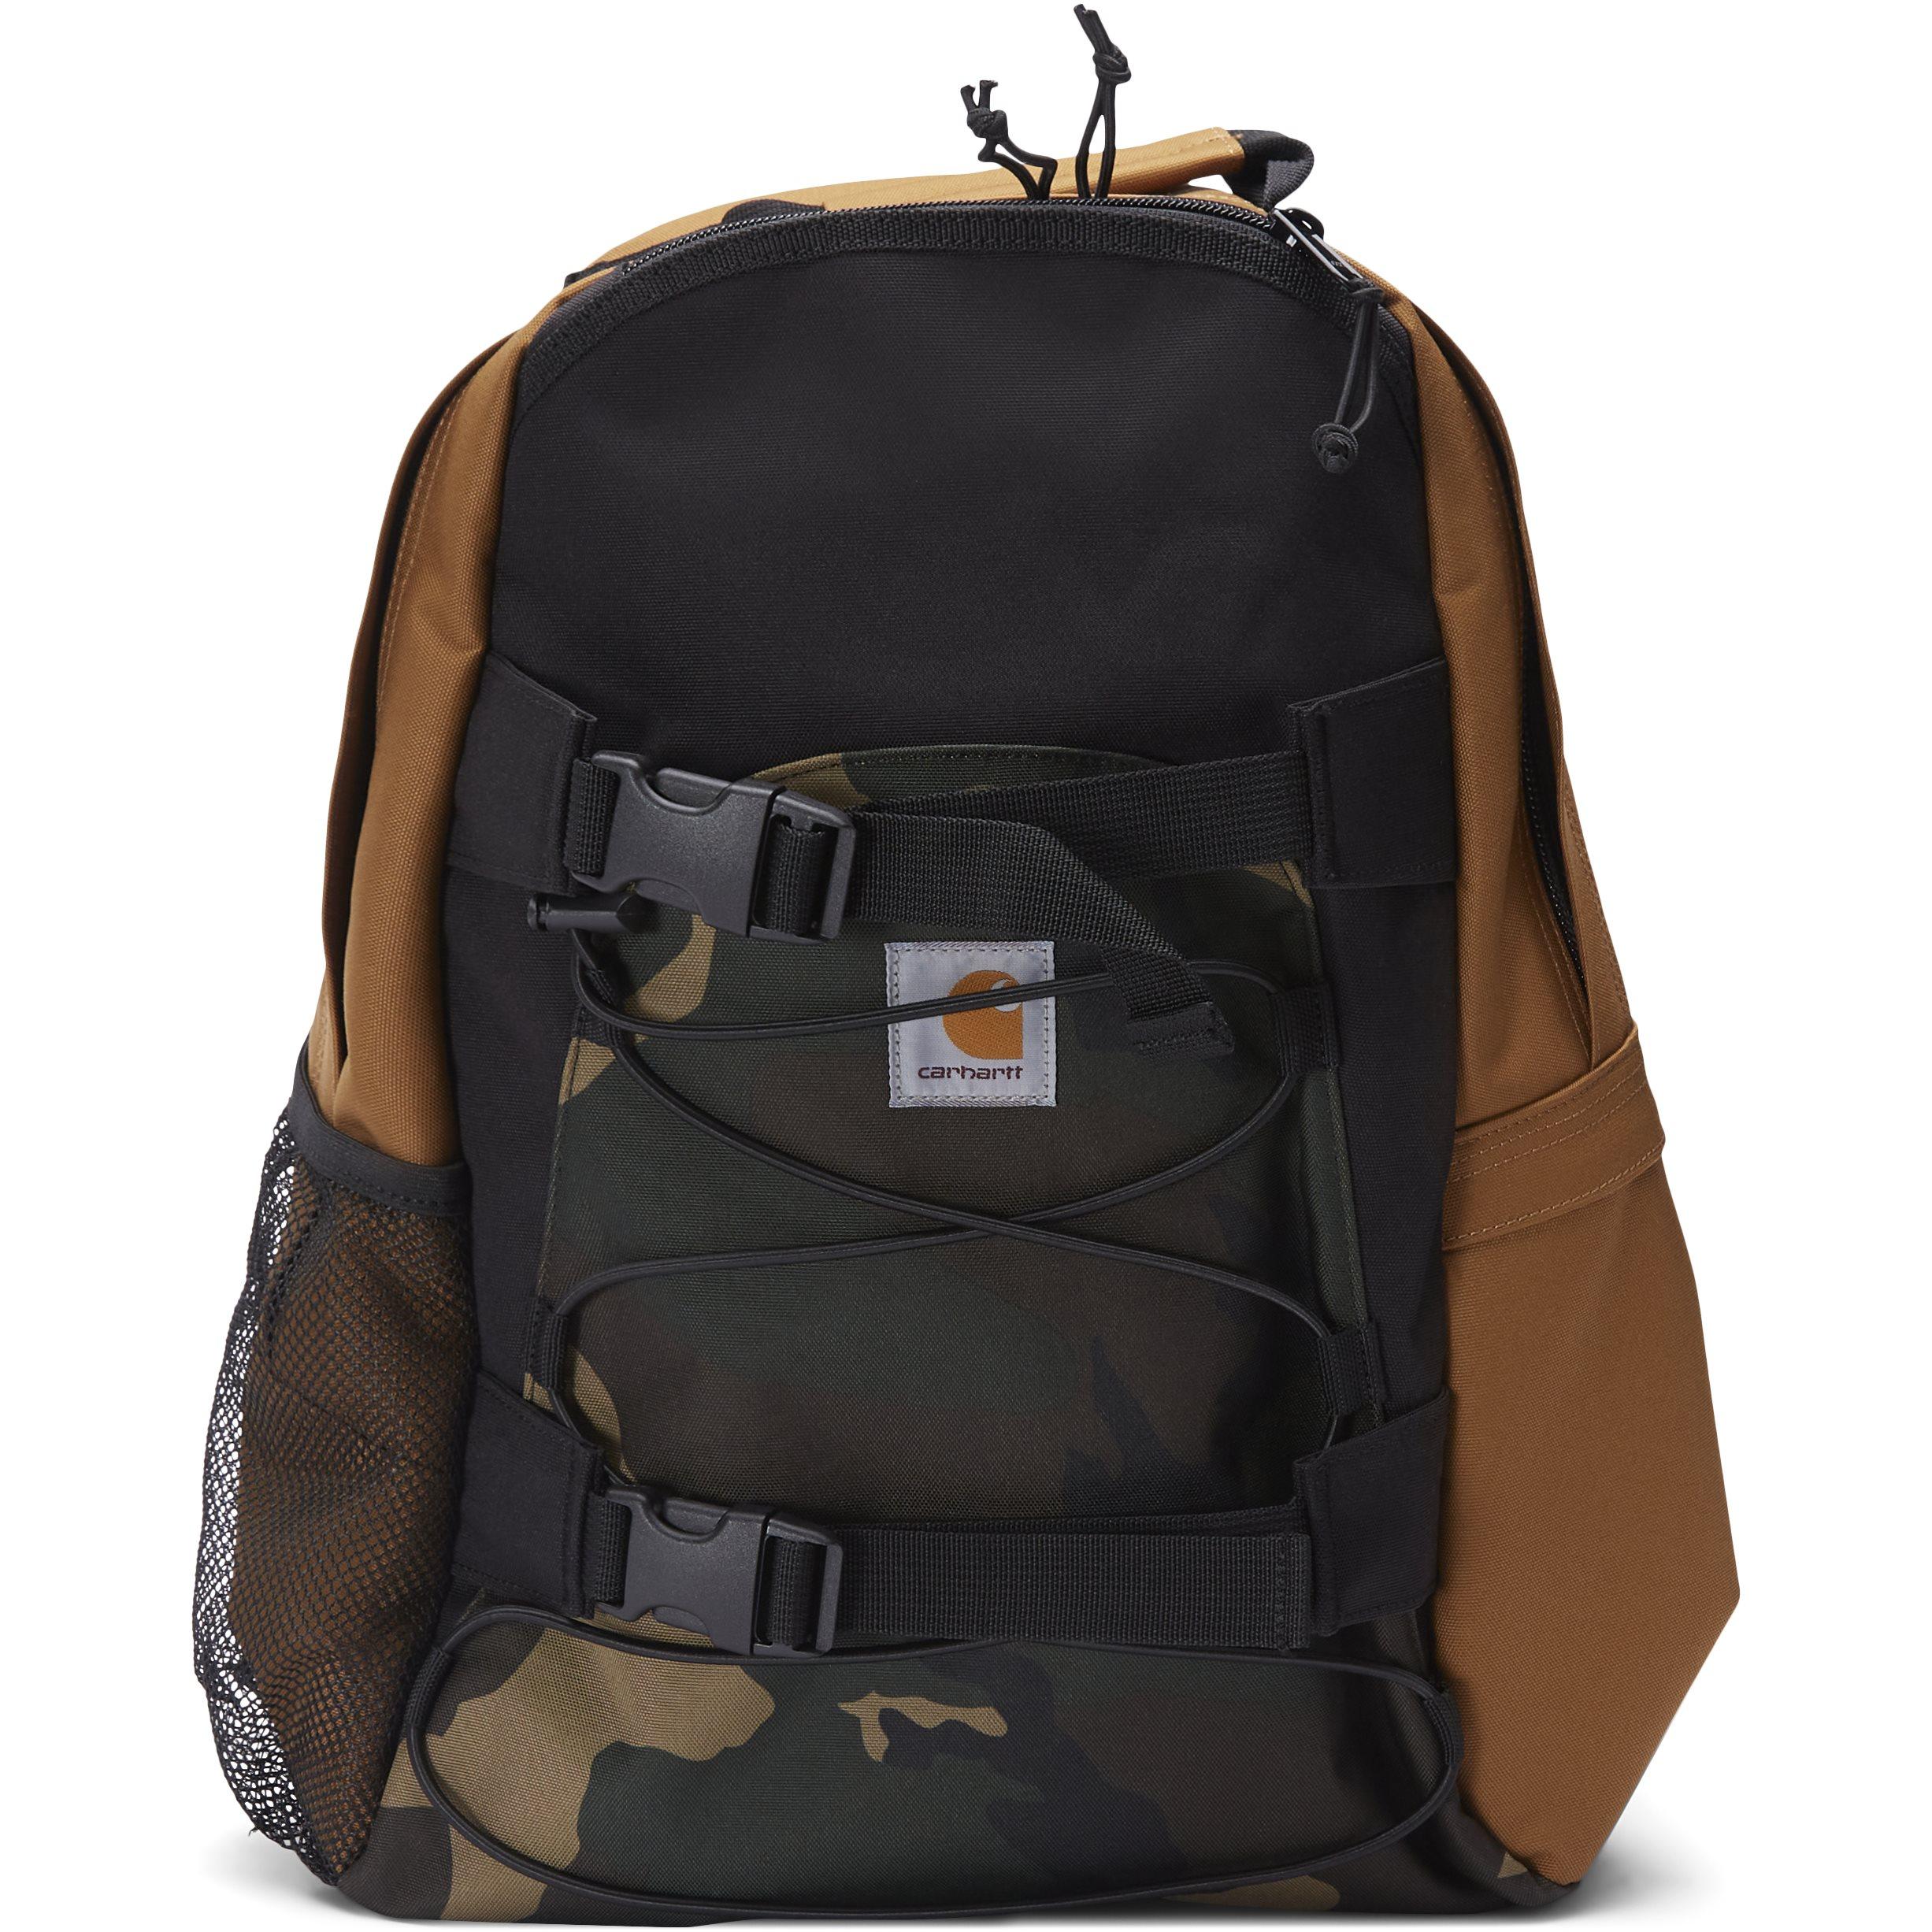 Kickflip Backpack - Tasker - Army